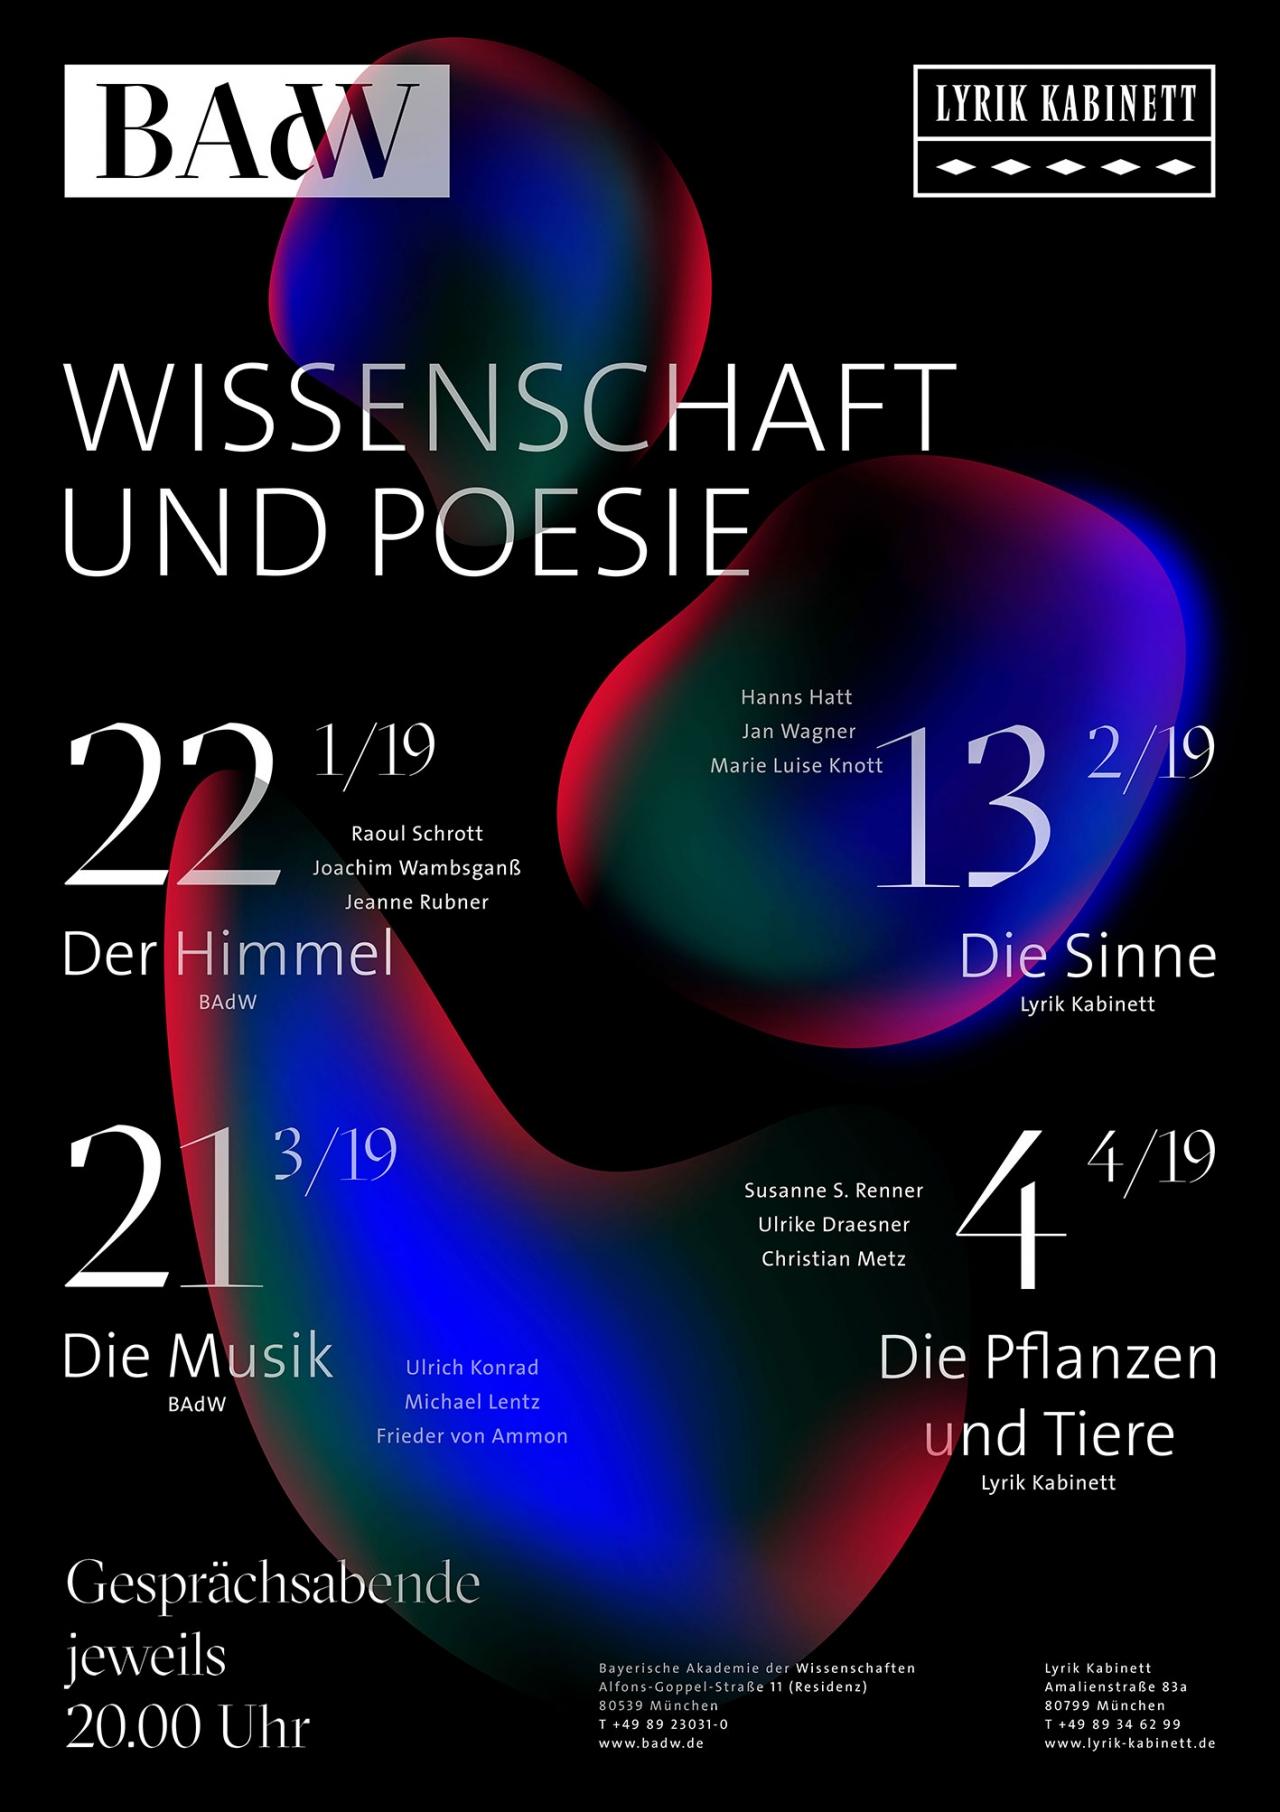 Daniela Wiesemann BAdW – Wissenschaft und Poesie – Veranstaltungsplakat